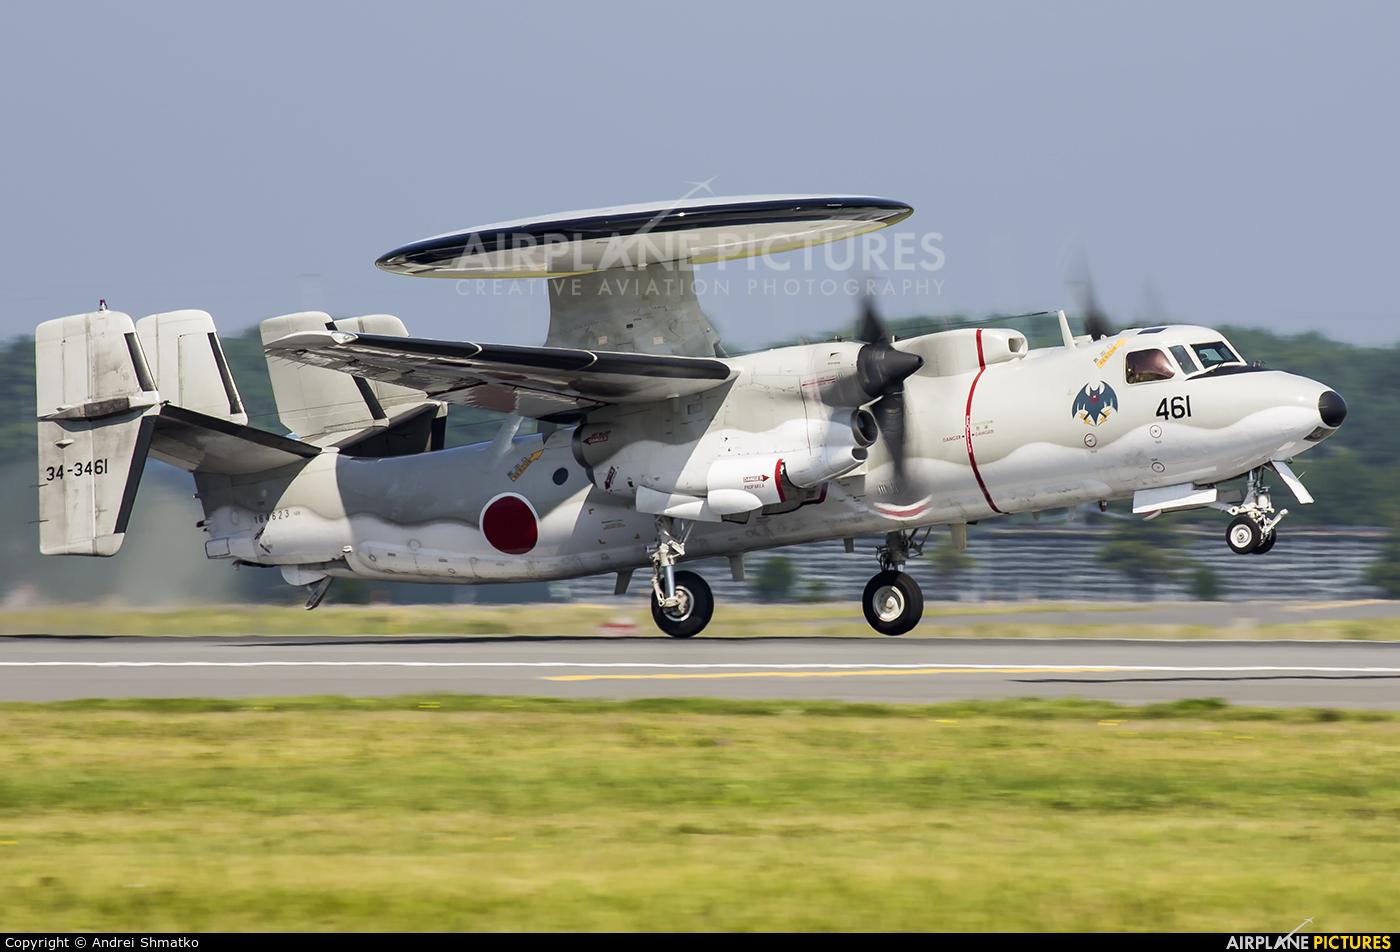 Japan - Air Self Defence Force 34-3461 aircraft at Misawa